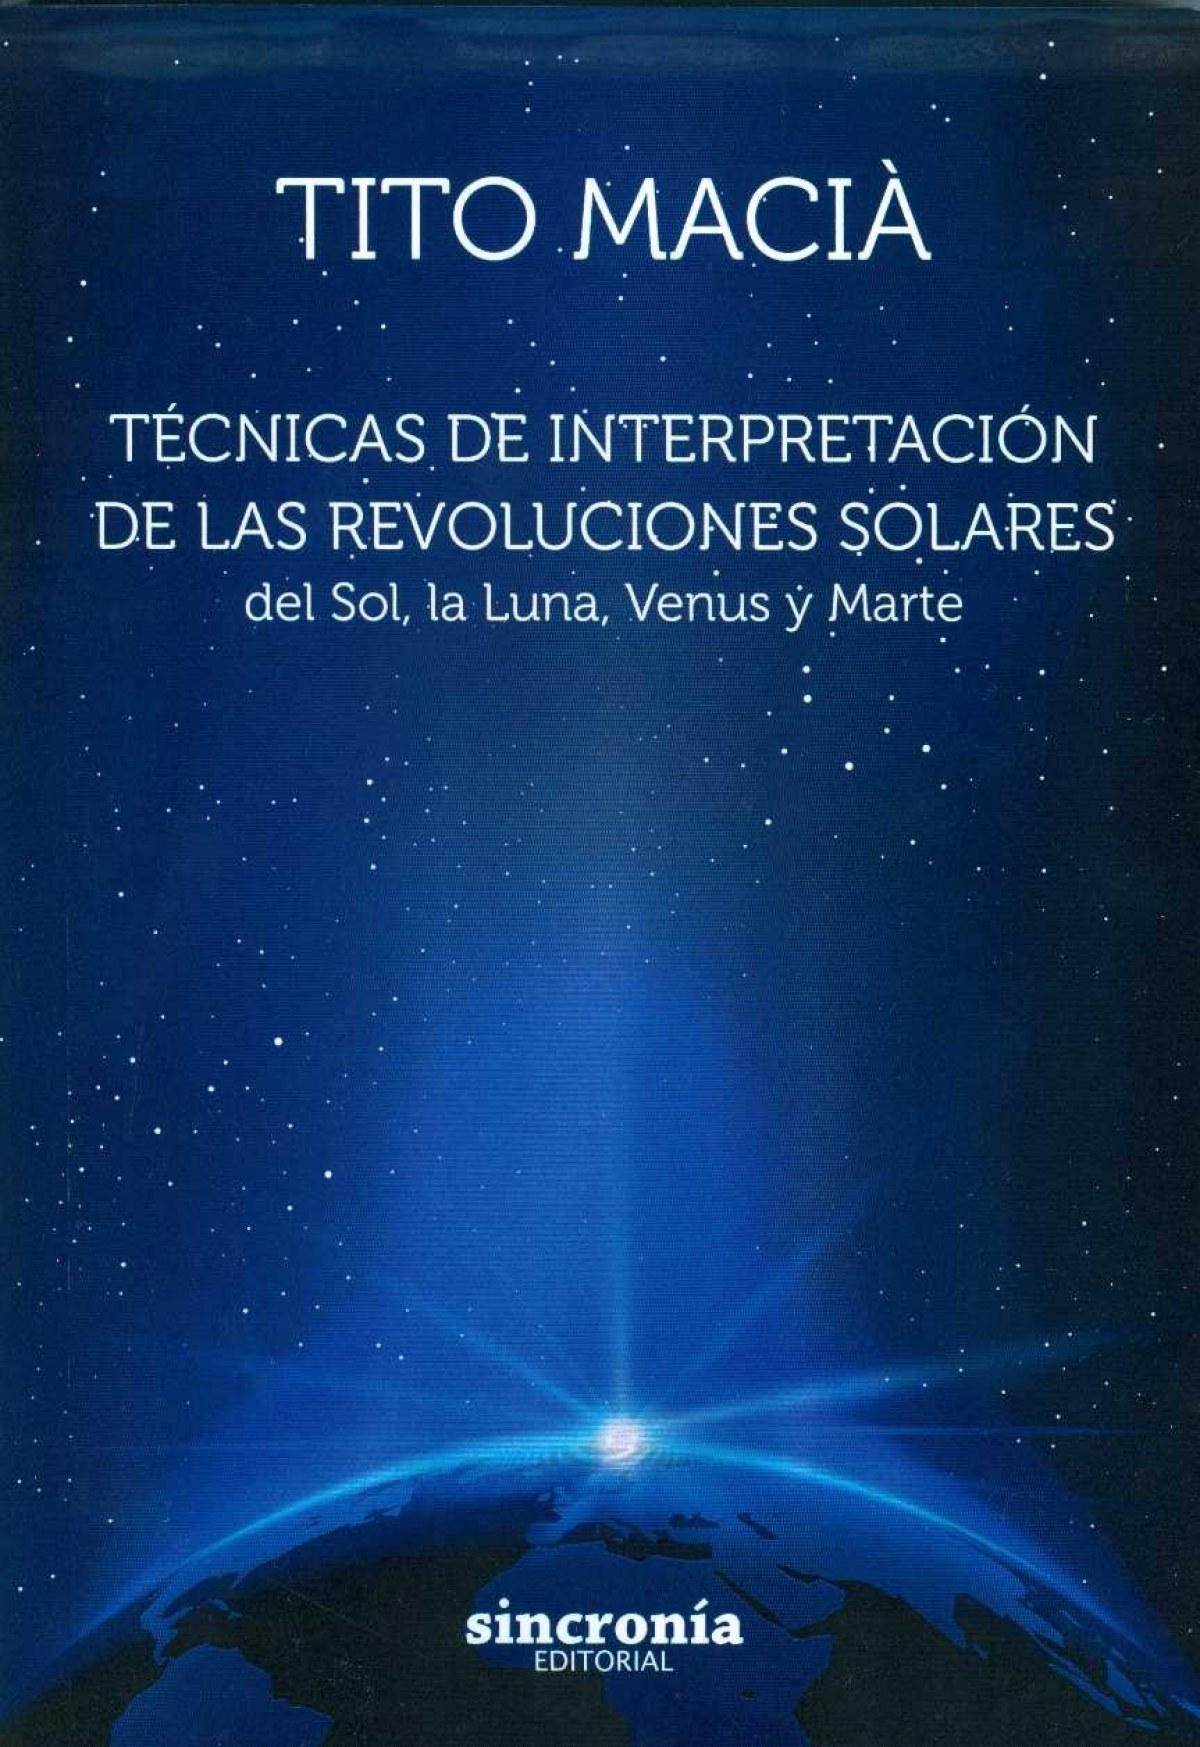 TÈCNICAS DE INTERPRETACIÓN DE LAS REVOLUCIONES